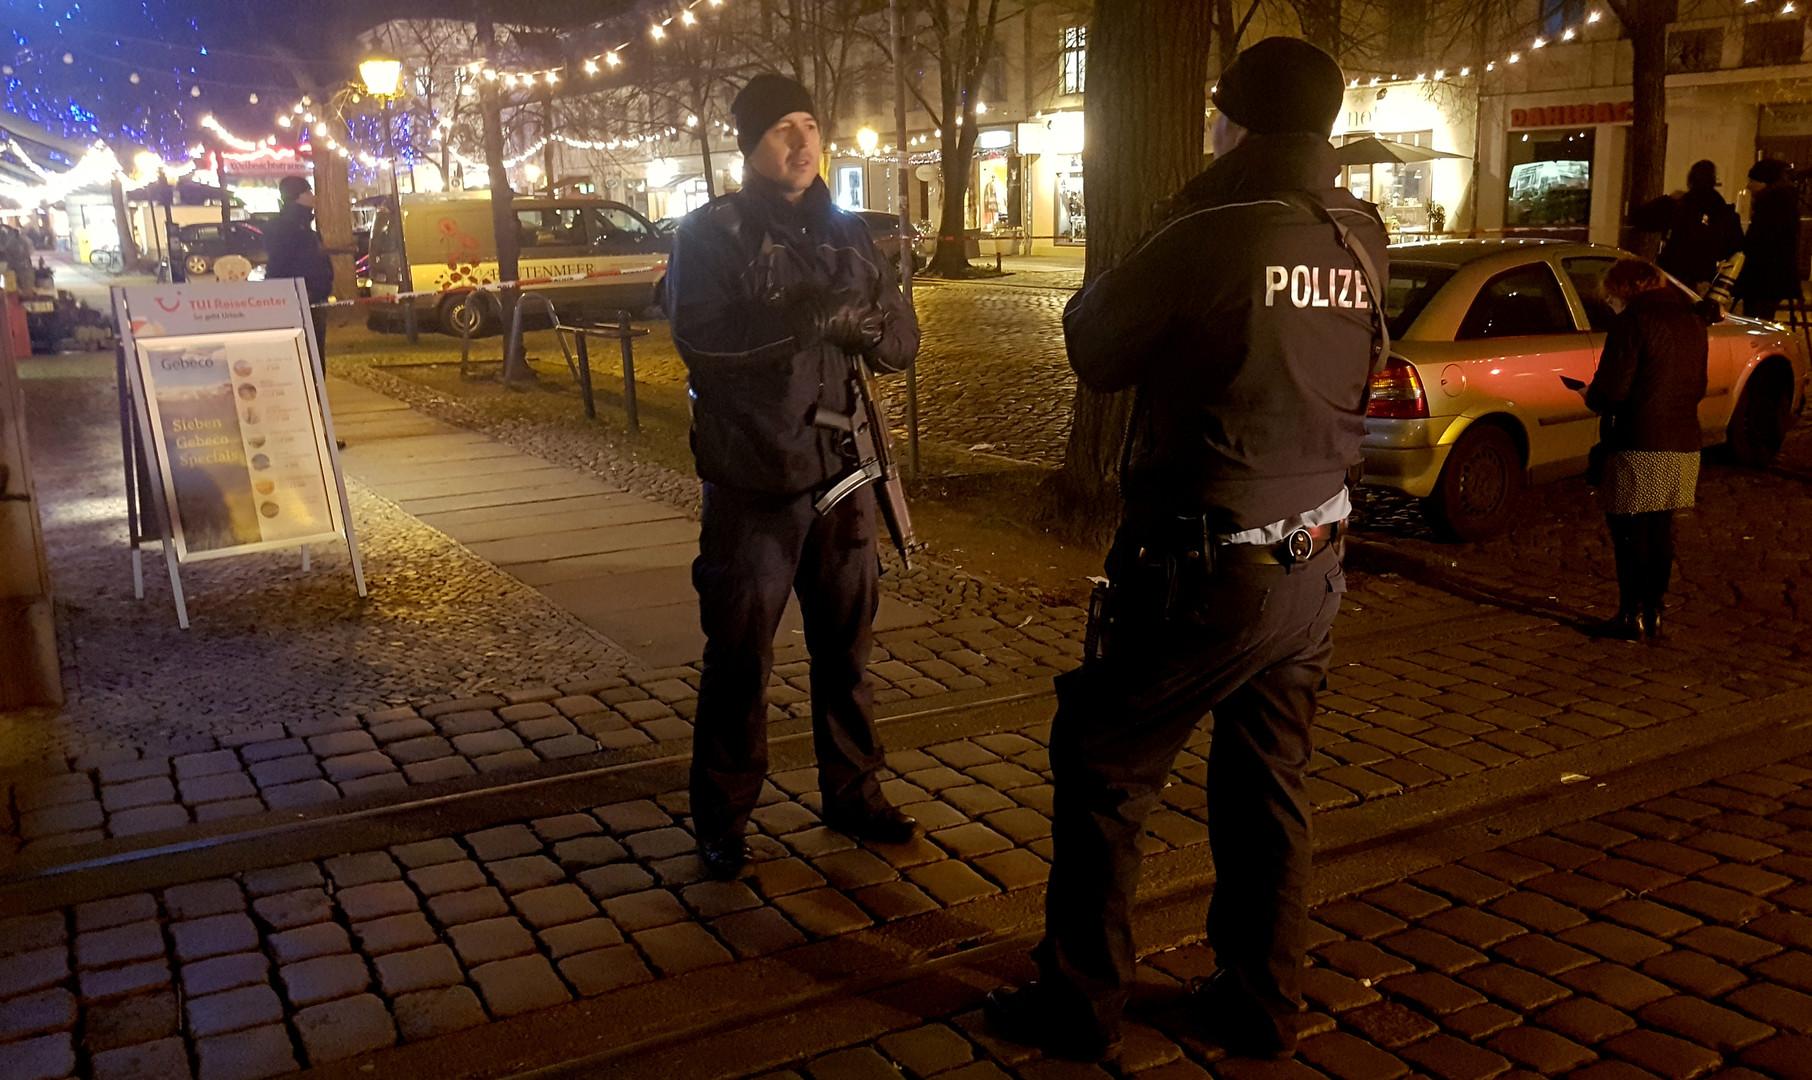 Bomben-Alarm in Potsdam: Ermittler sprechen von Erpressung gegen DHL